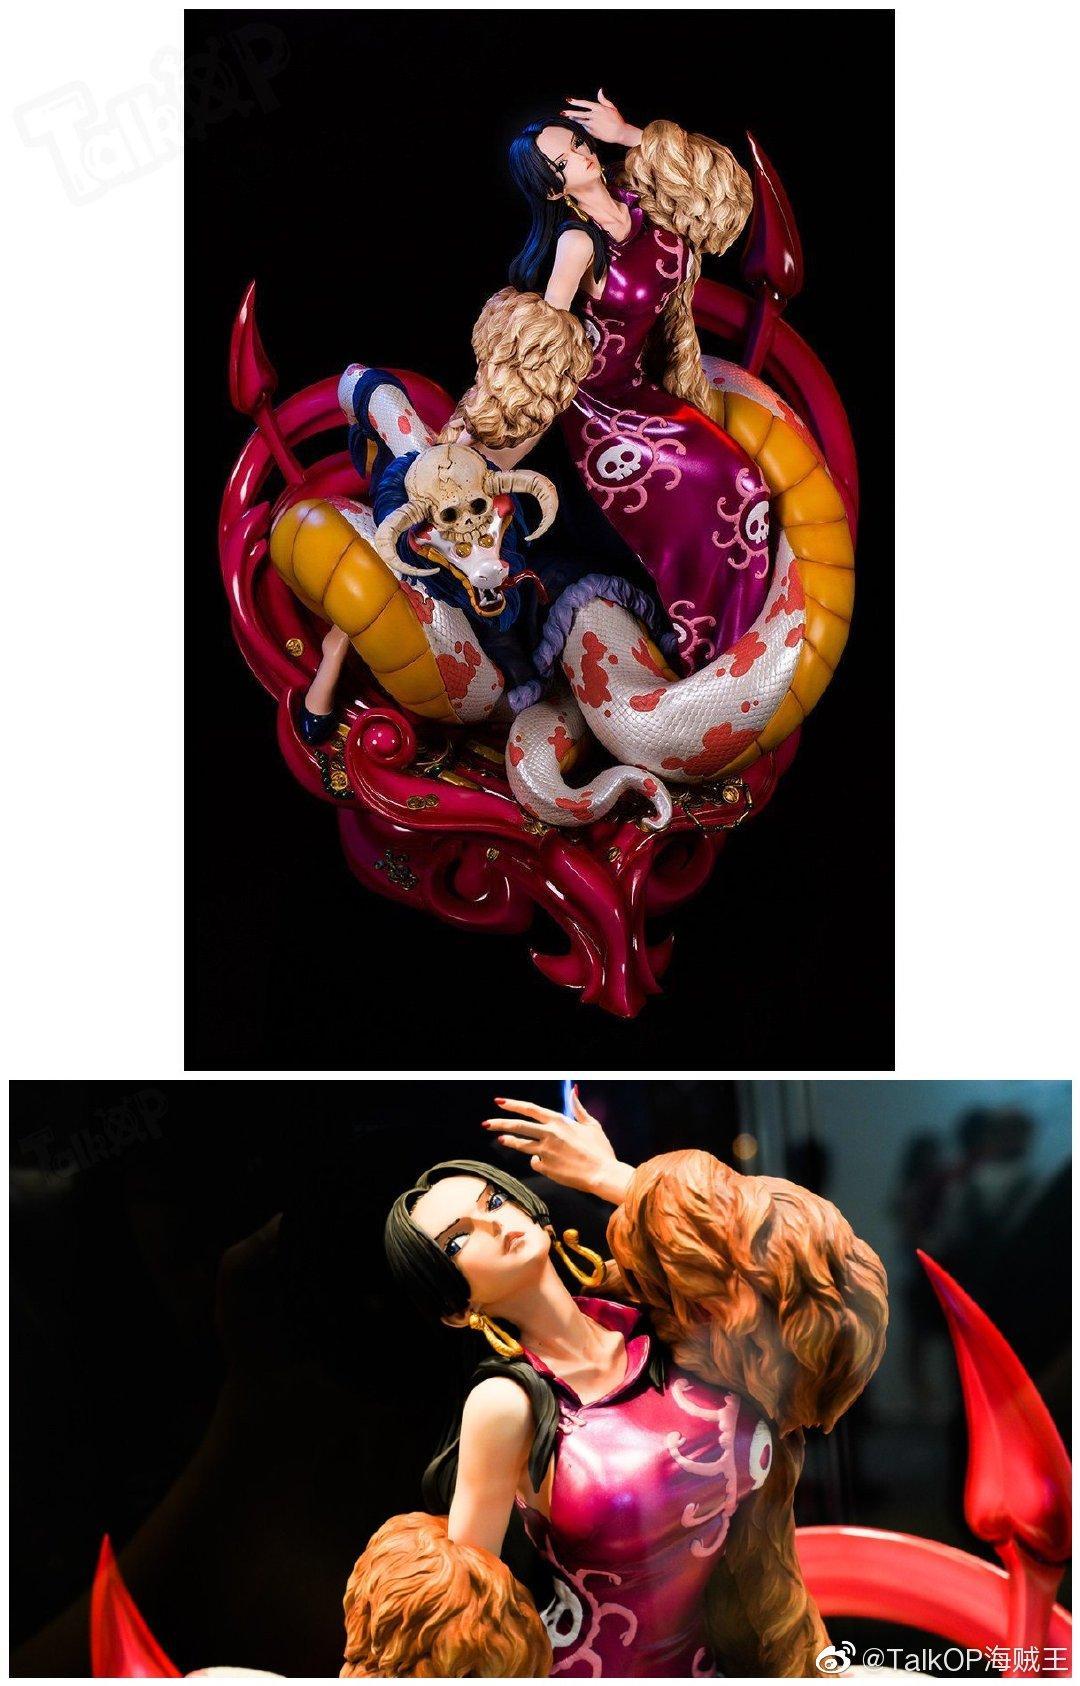 女帝博雅·汉库克大型雕像周边大量高清图集中公布!